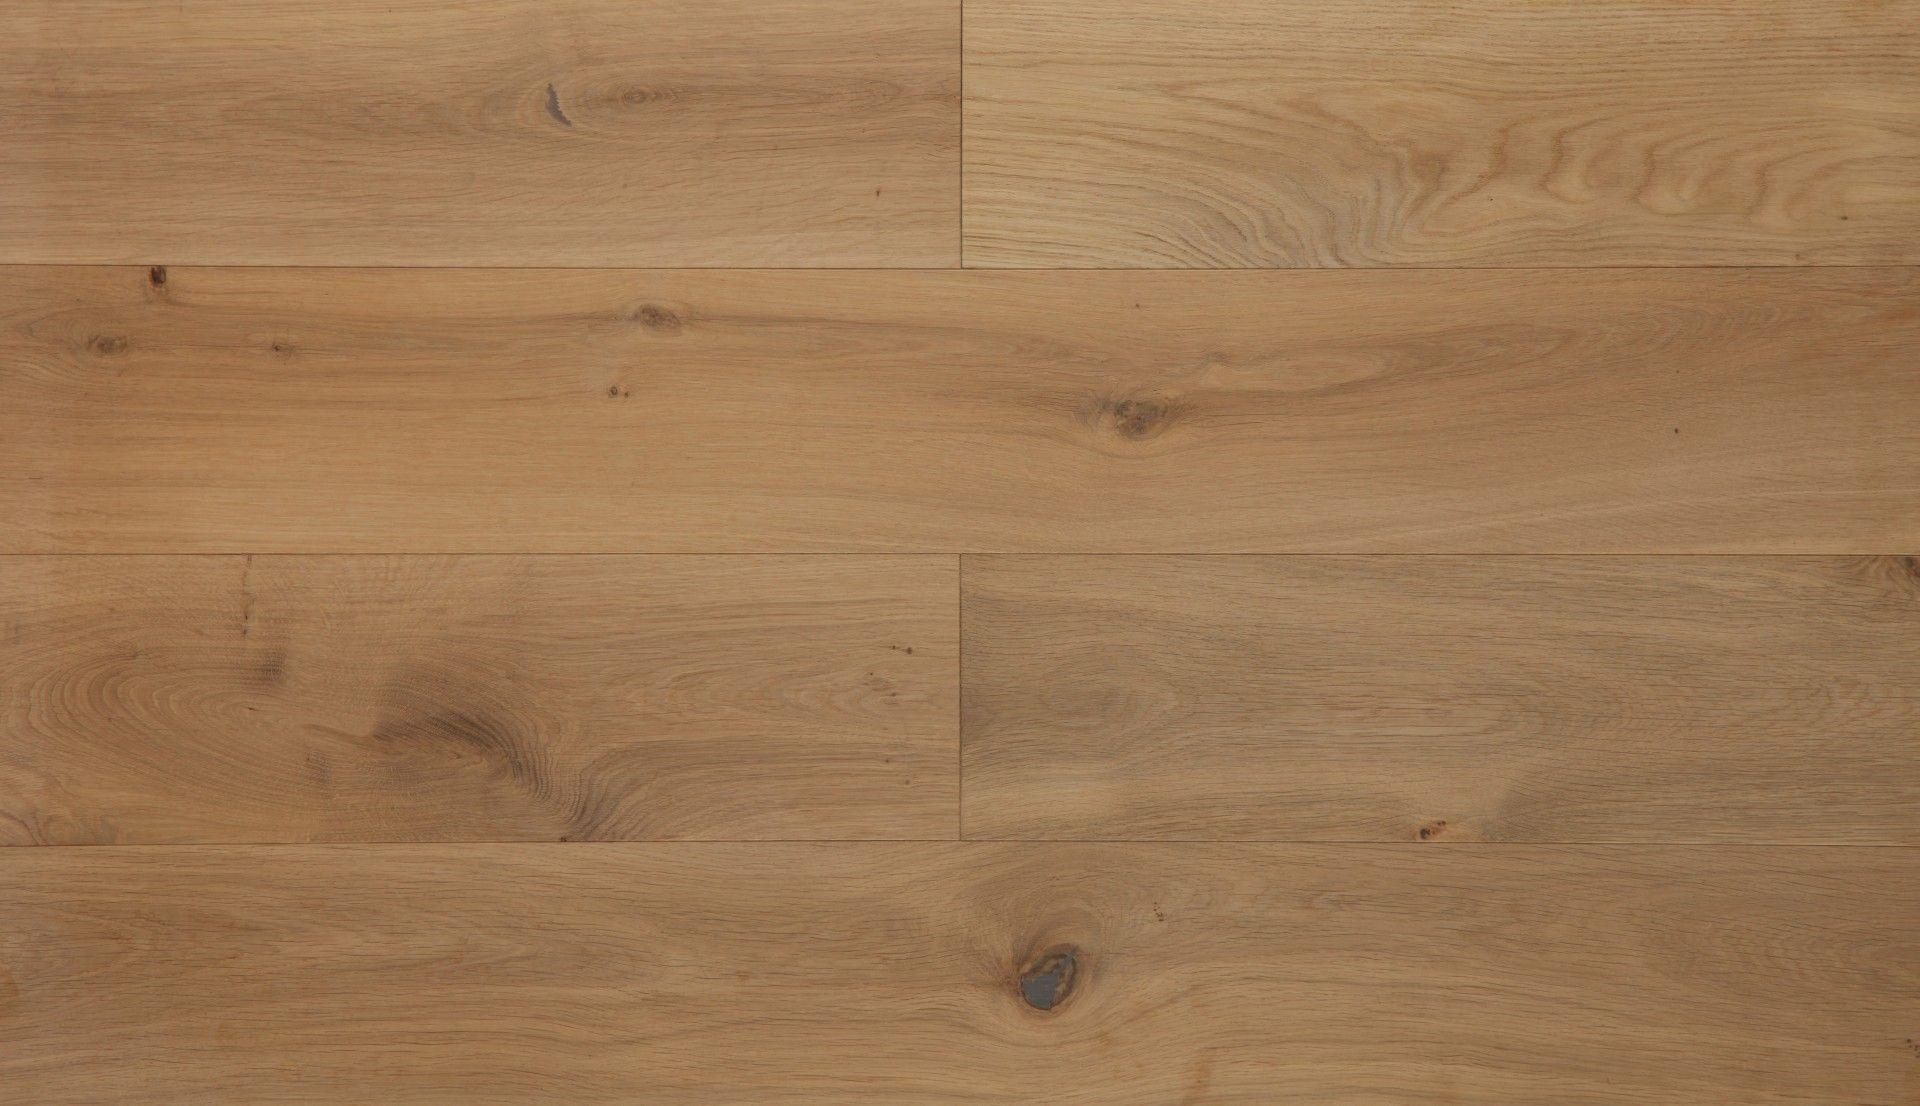 Rusticalna - deski z sękami, naturalne przebarwienia.